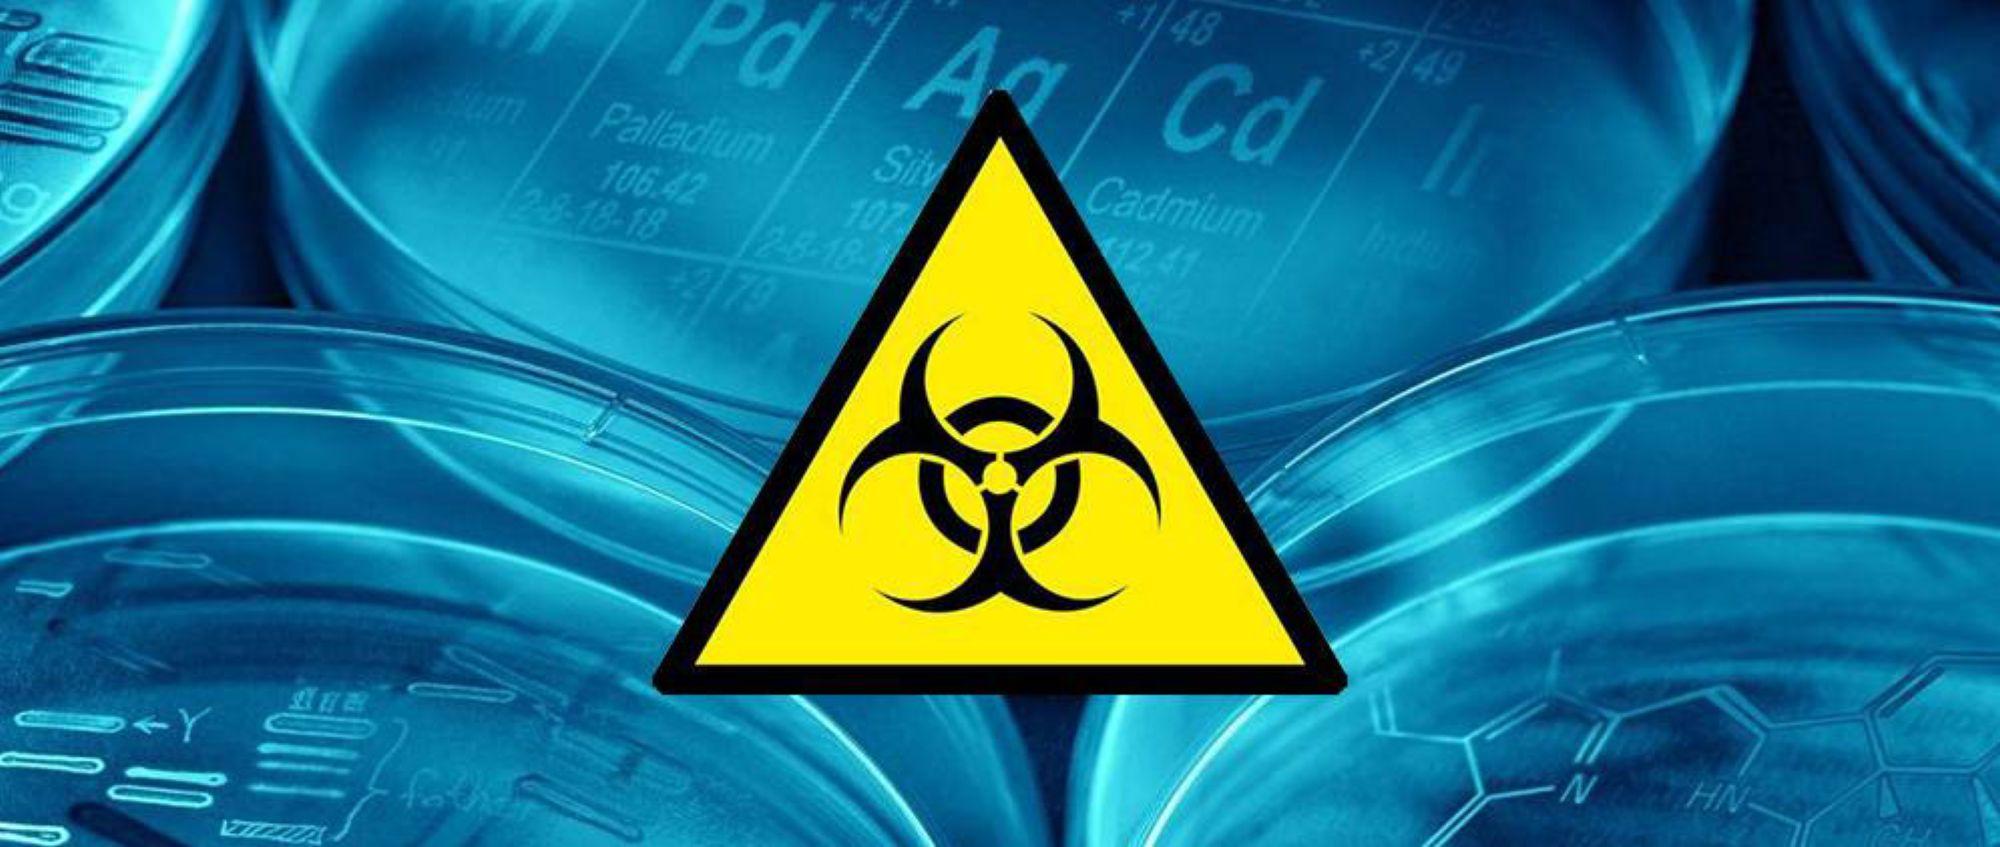 生物安全的国际符号